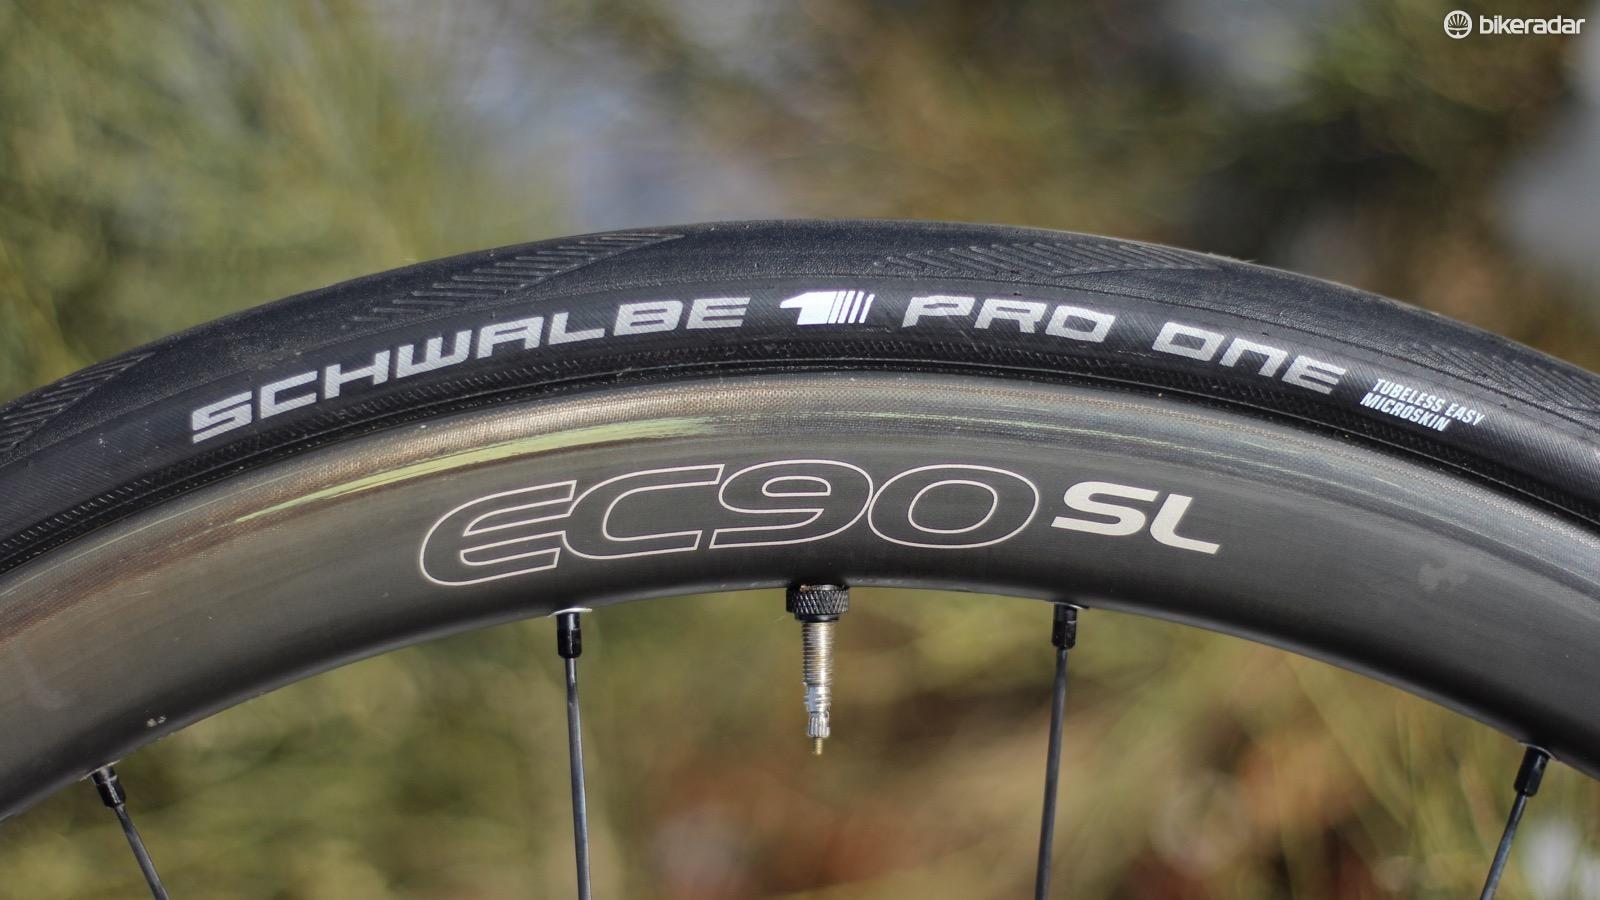 road-tire-test-15-1486070698696-1xxt85u9hmupg-170a5f7